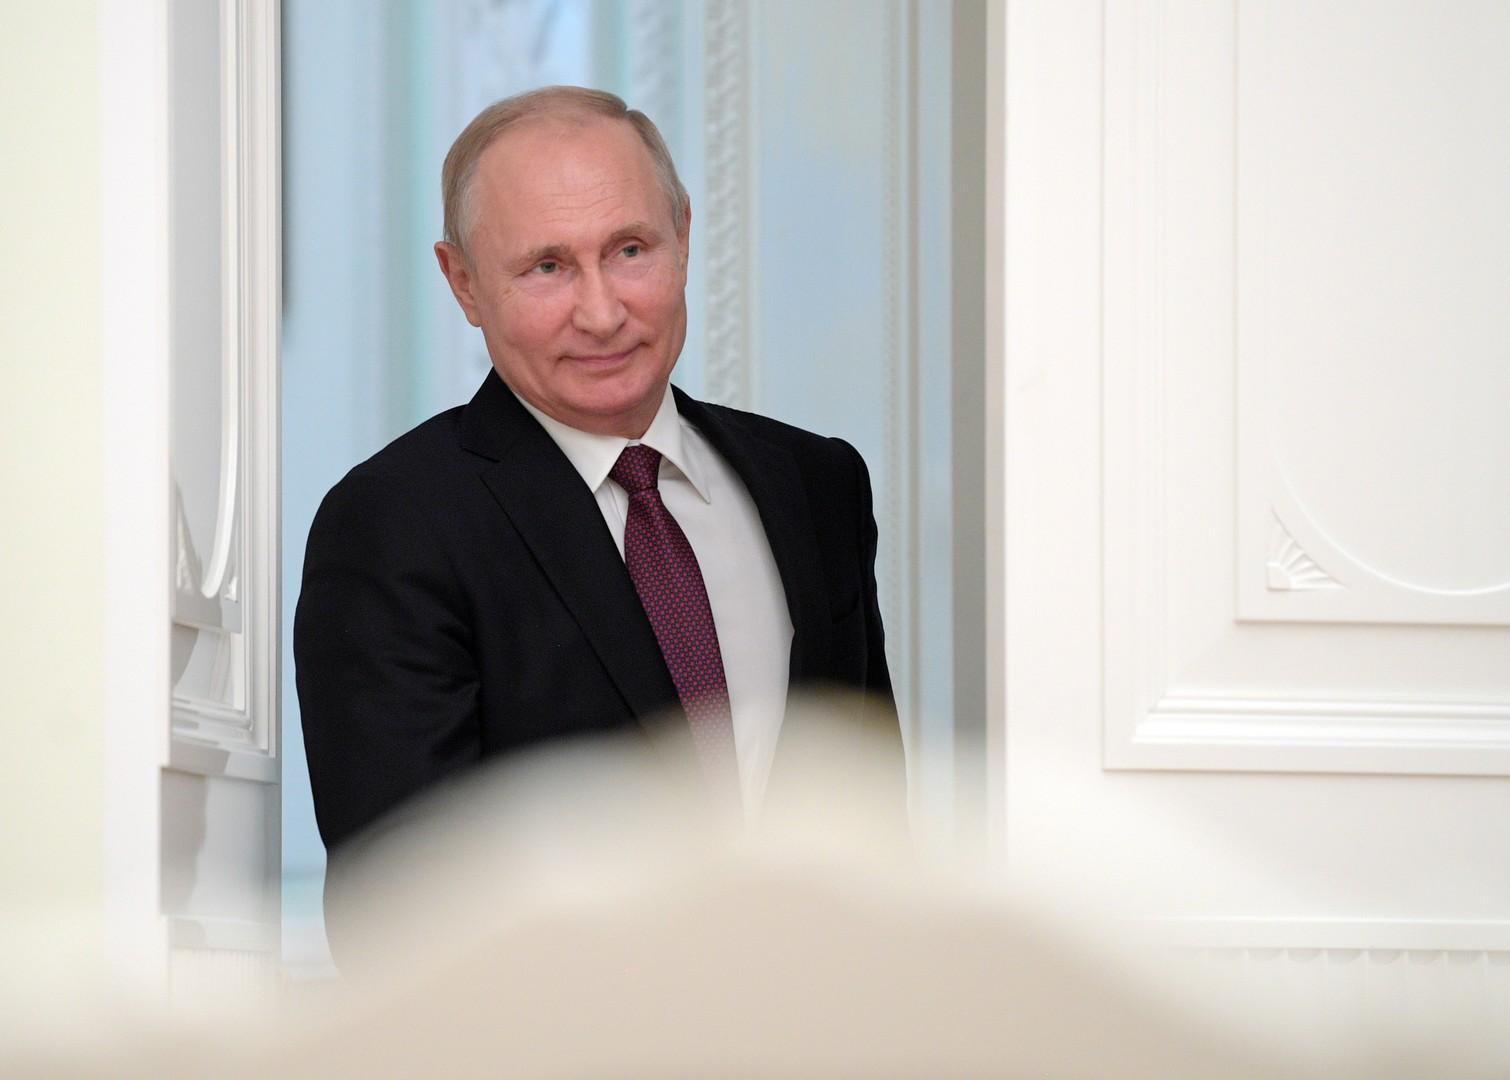 بوتين يهنئ زعماء إفريقيا بعيد القارة السمراء